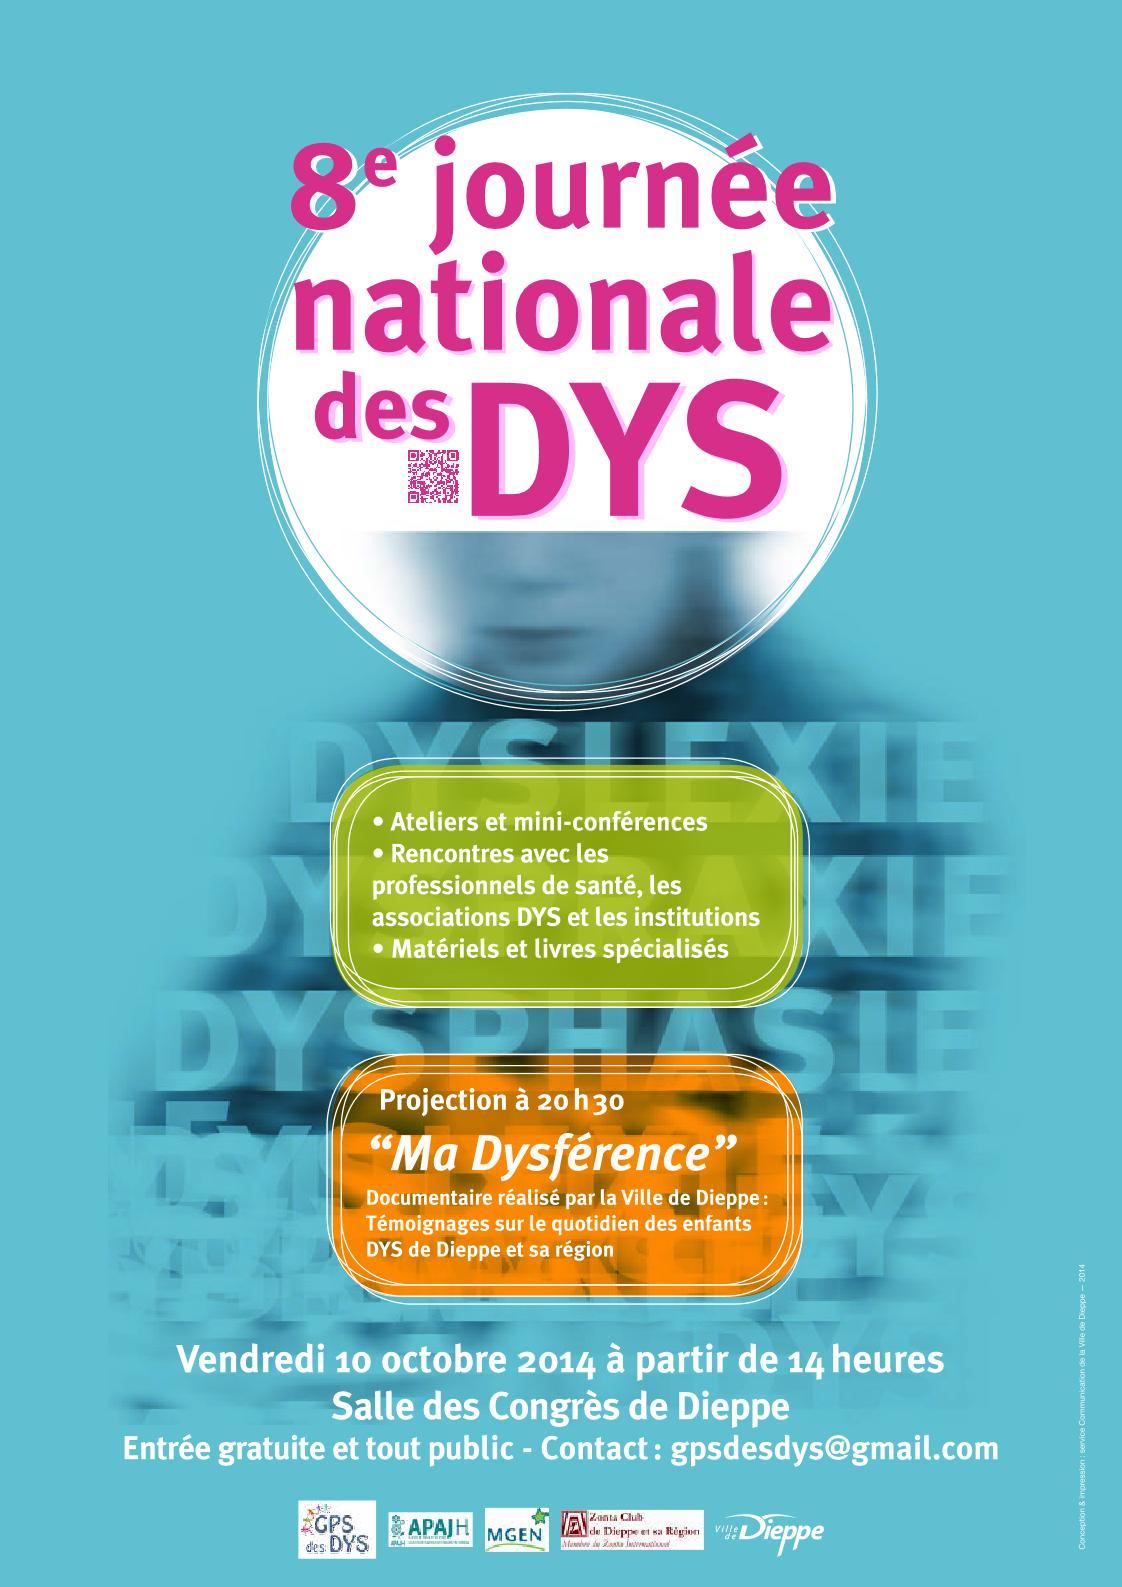 8ème JOURNEE NATIONALE DES DYS à DIEPPE